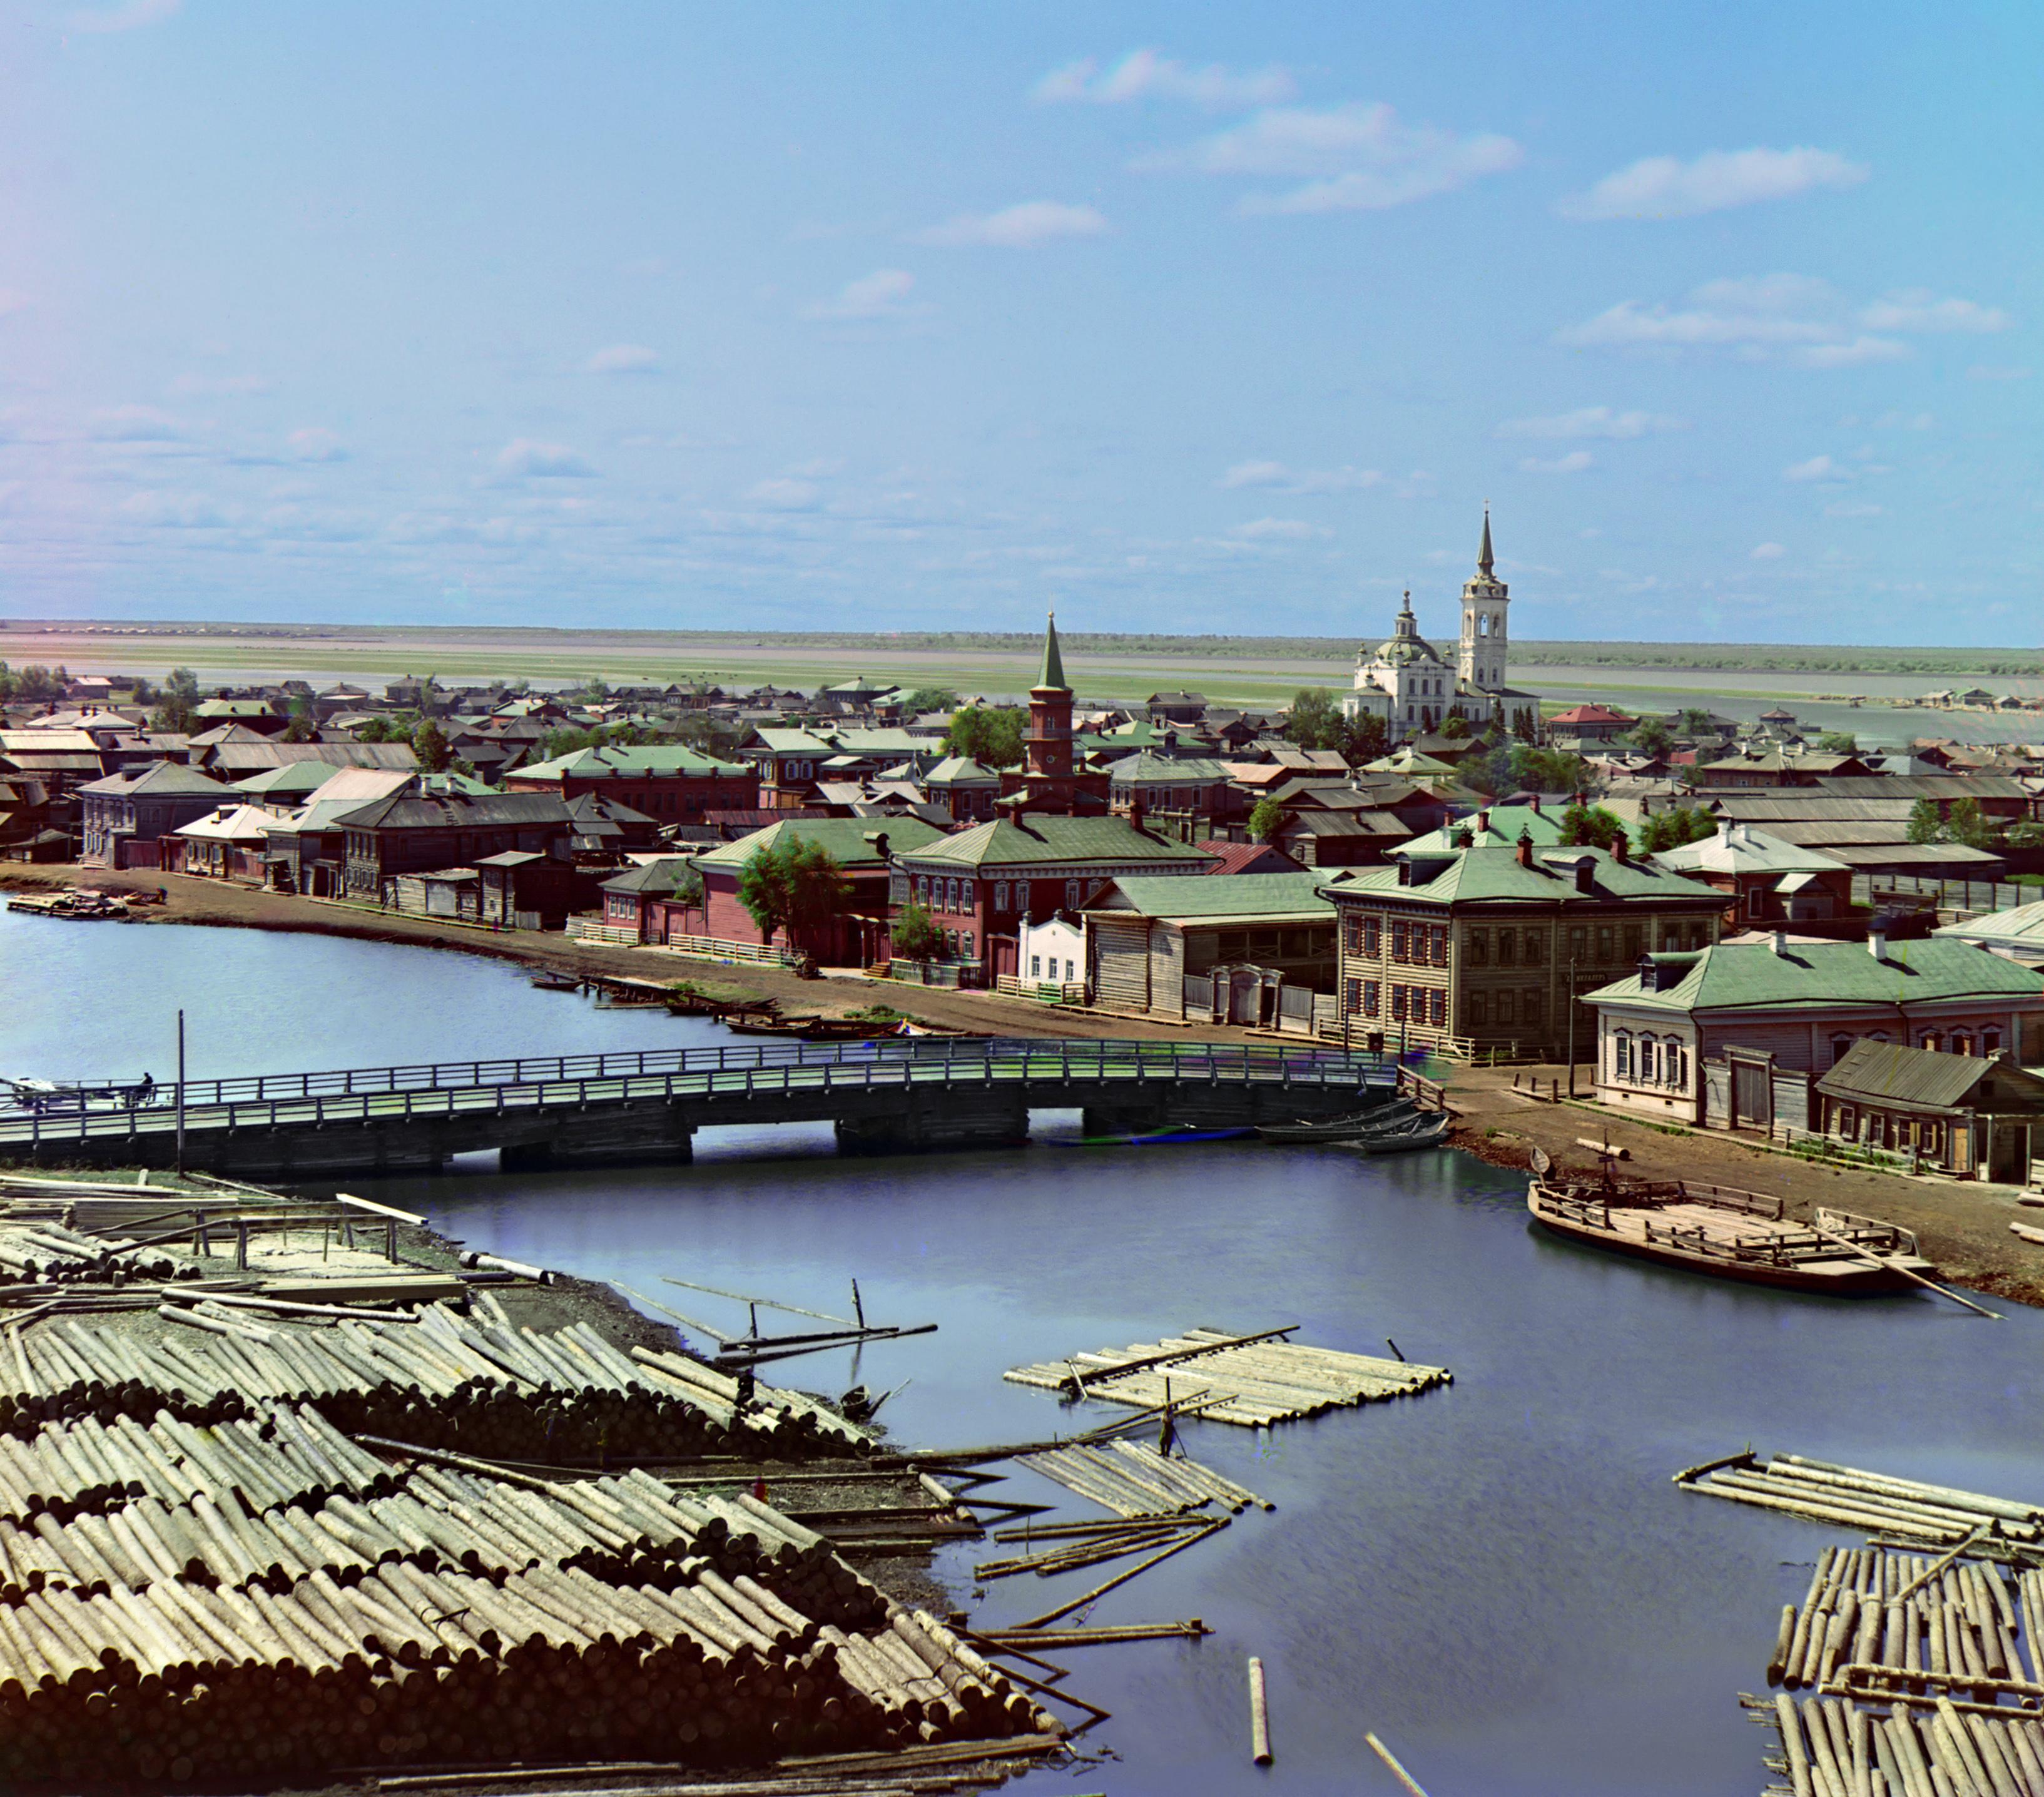 Вид на татарскую слободу Тобольска. Фотография С.М. Прокудина-Горского 1912 г. Википедия